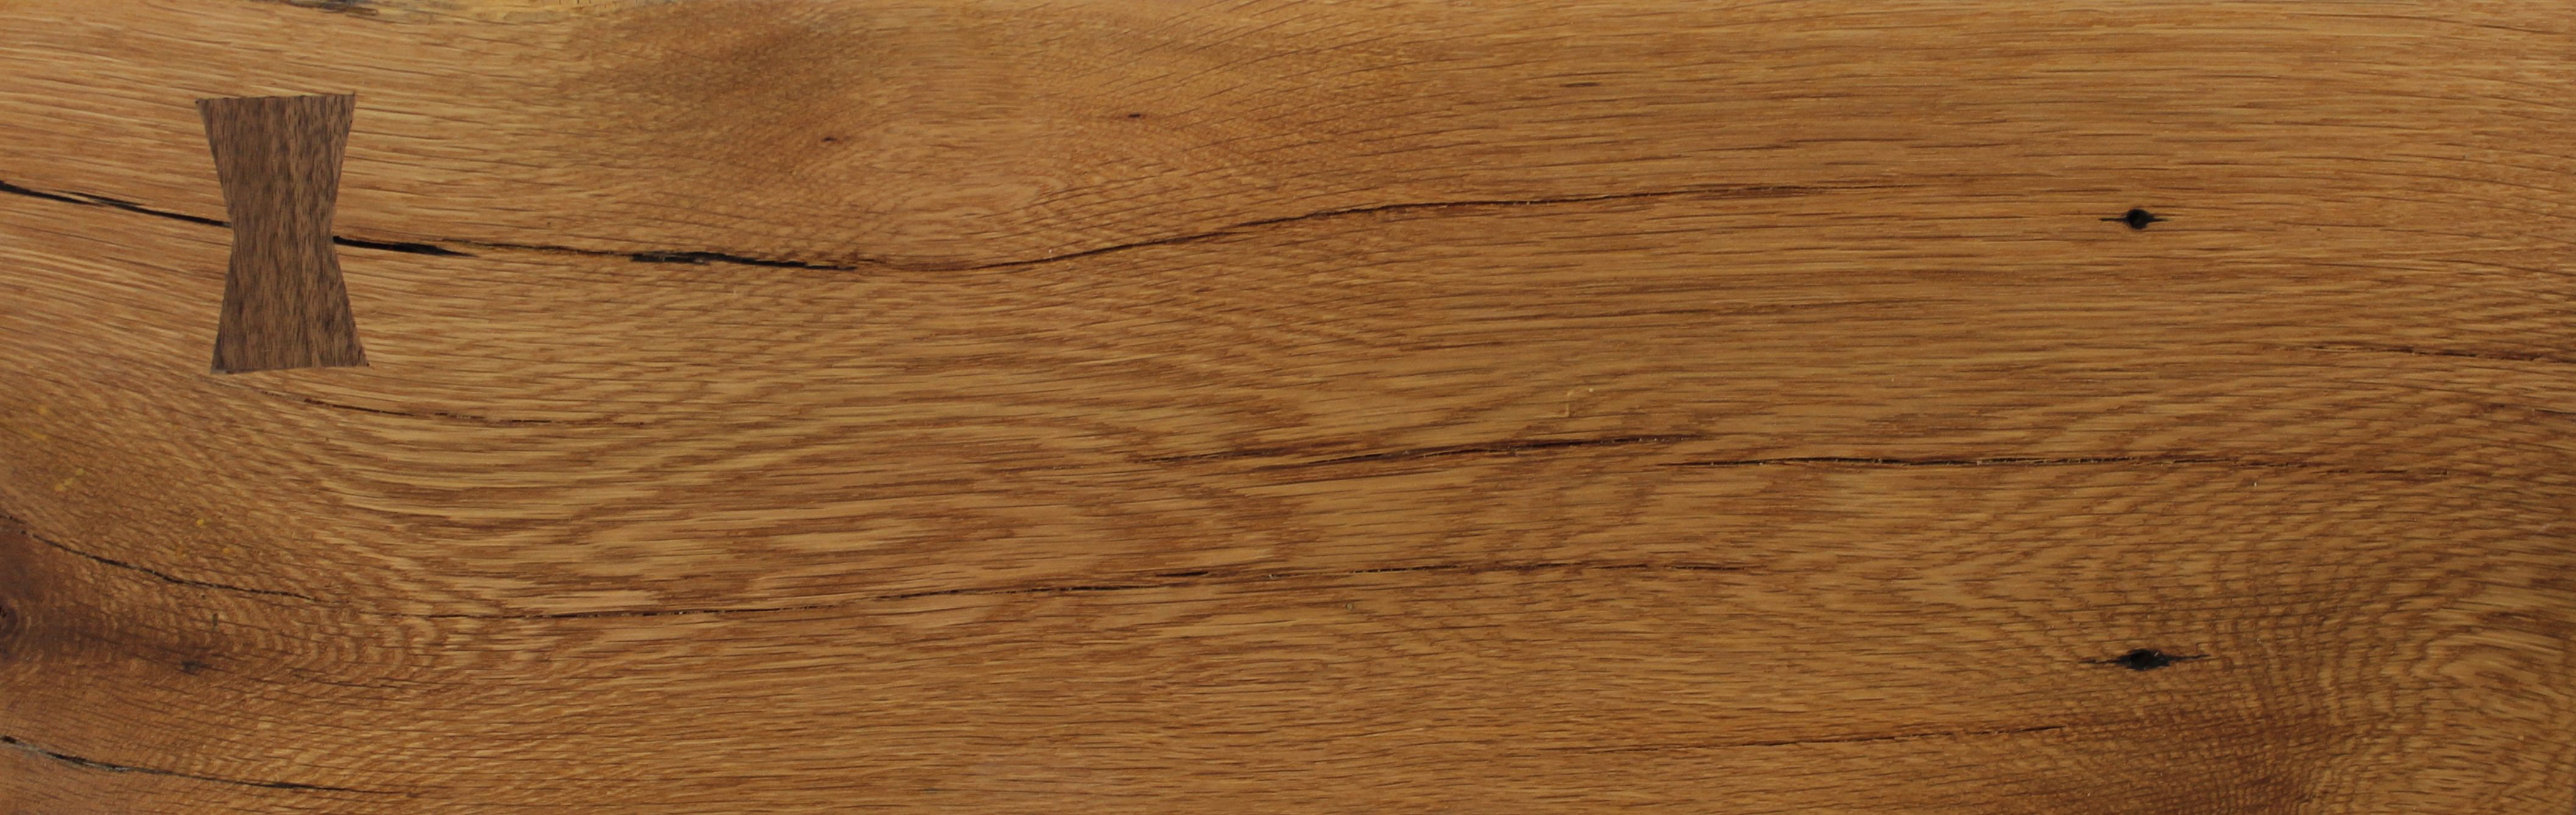 Heritage Reclaimed Oak Wide Plank With Black Walnut